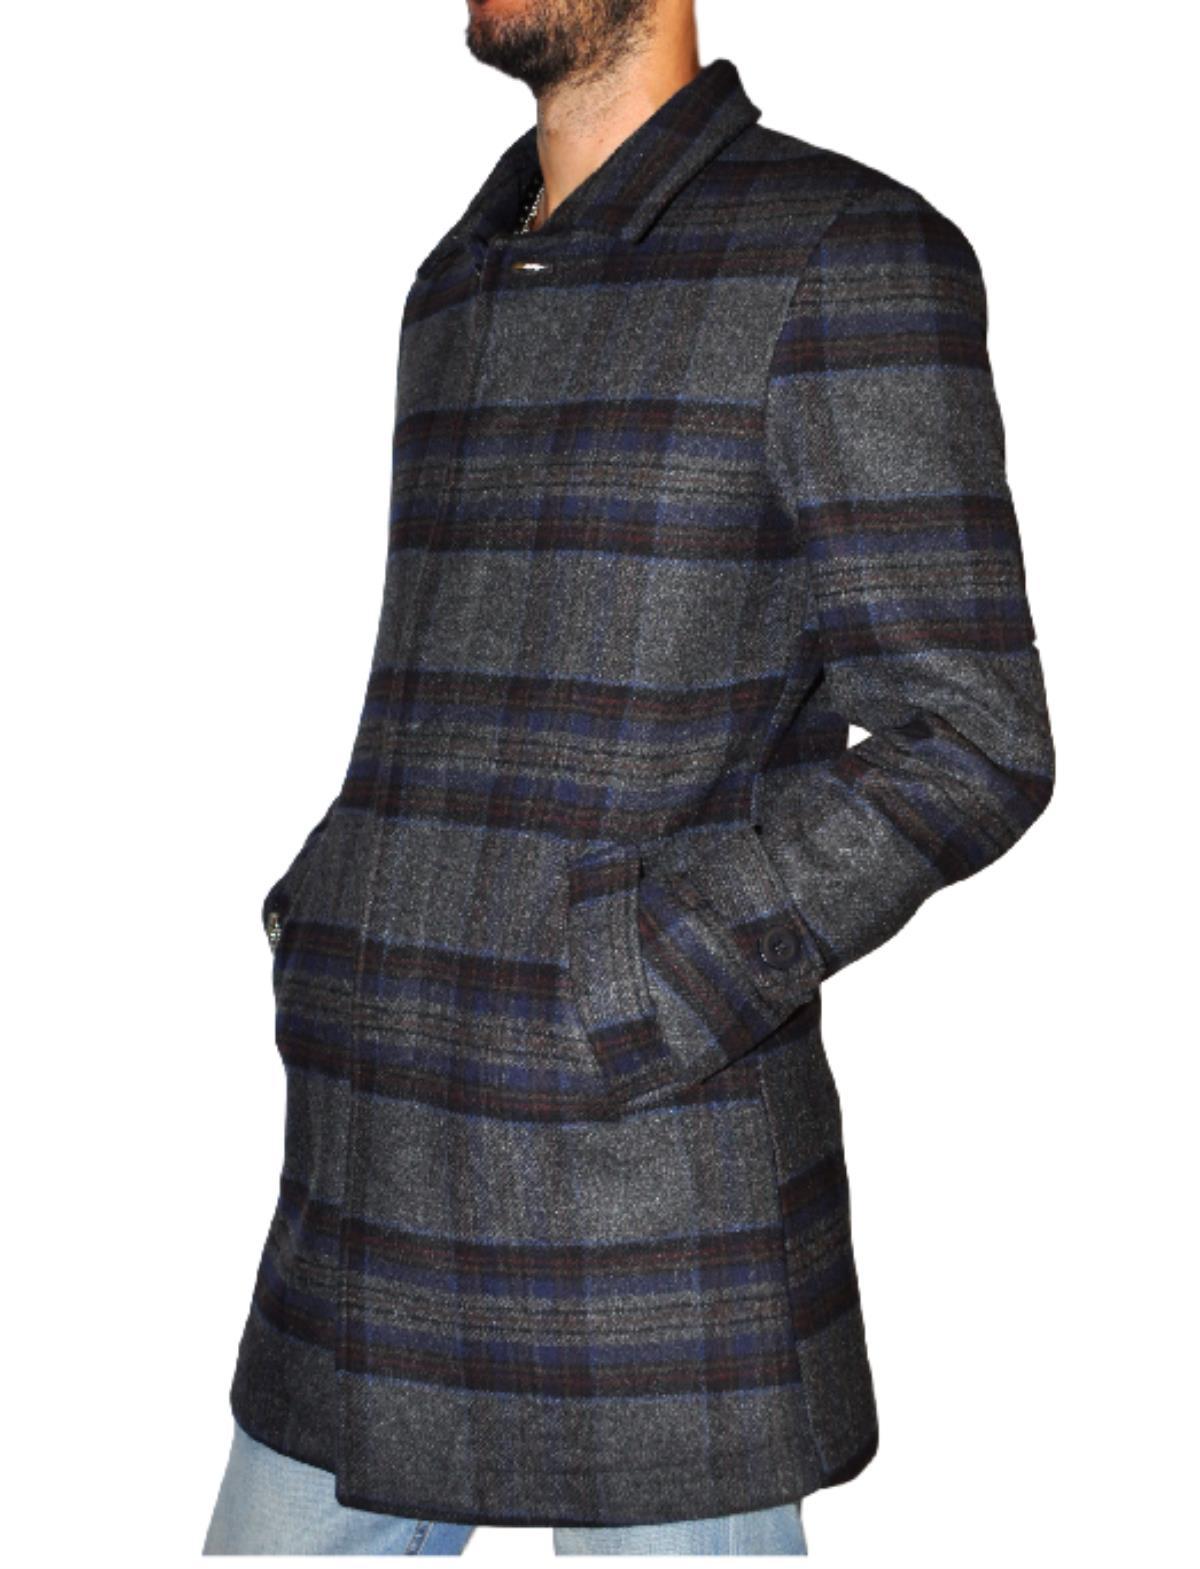 1d5ecefe71 Cappotto uomo Koon fantasia quadri vestibilità slim fit modello loden